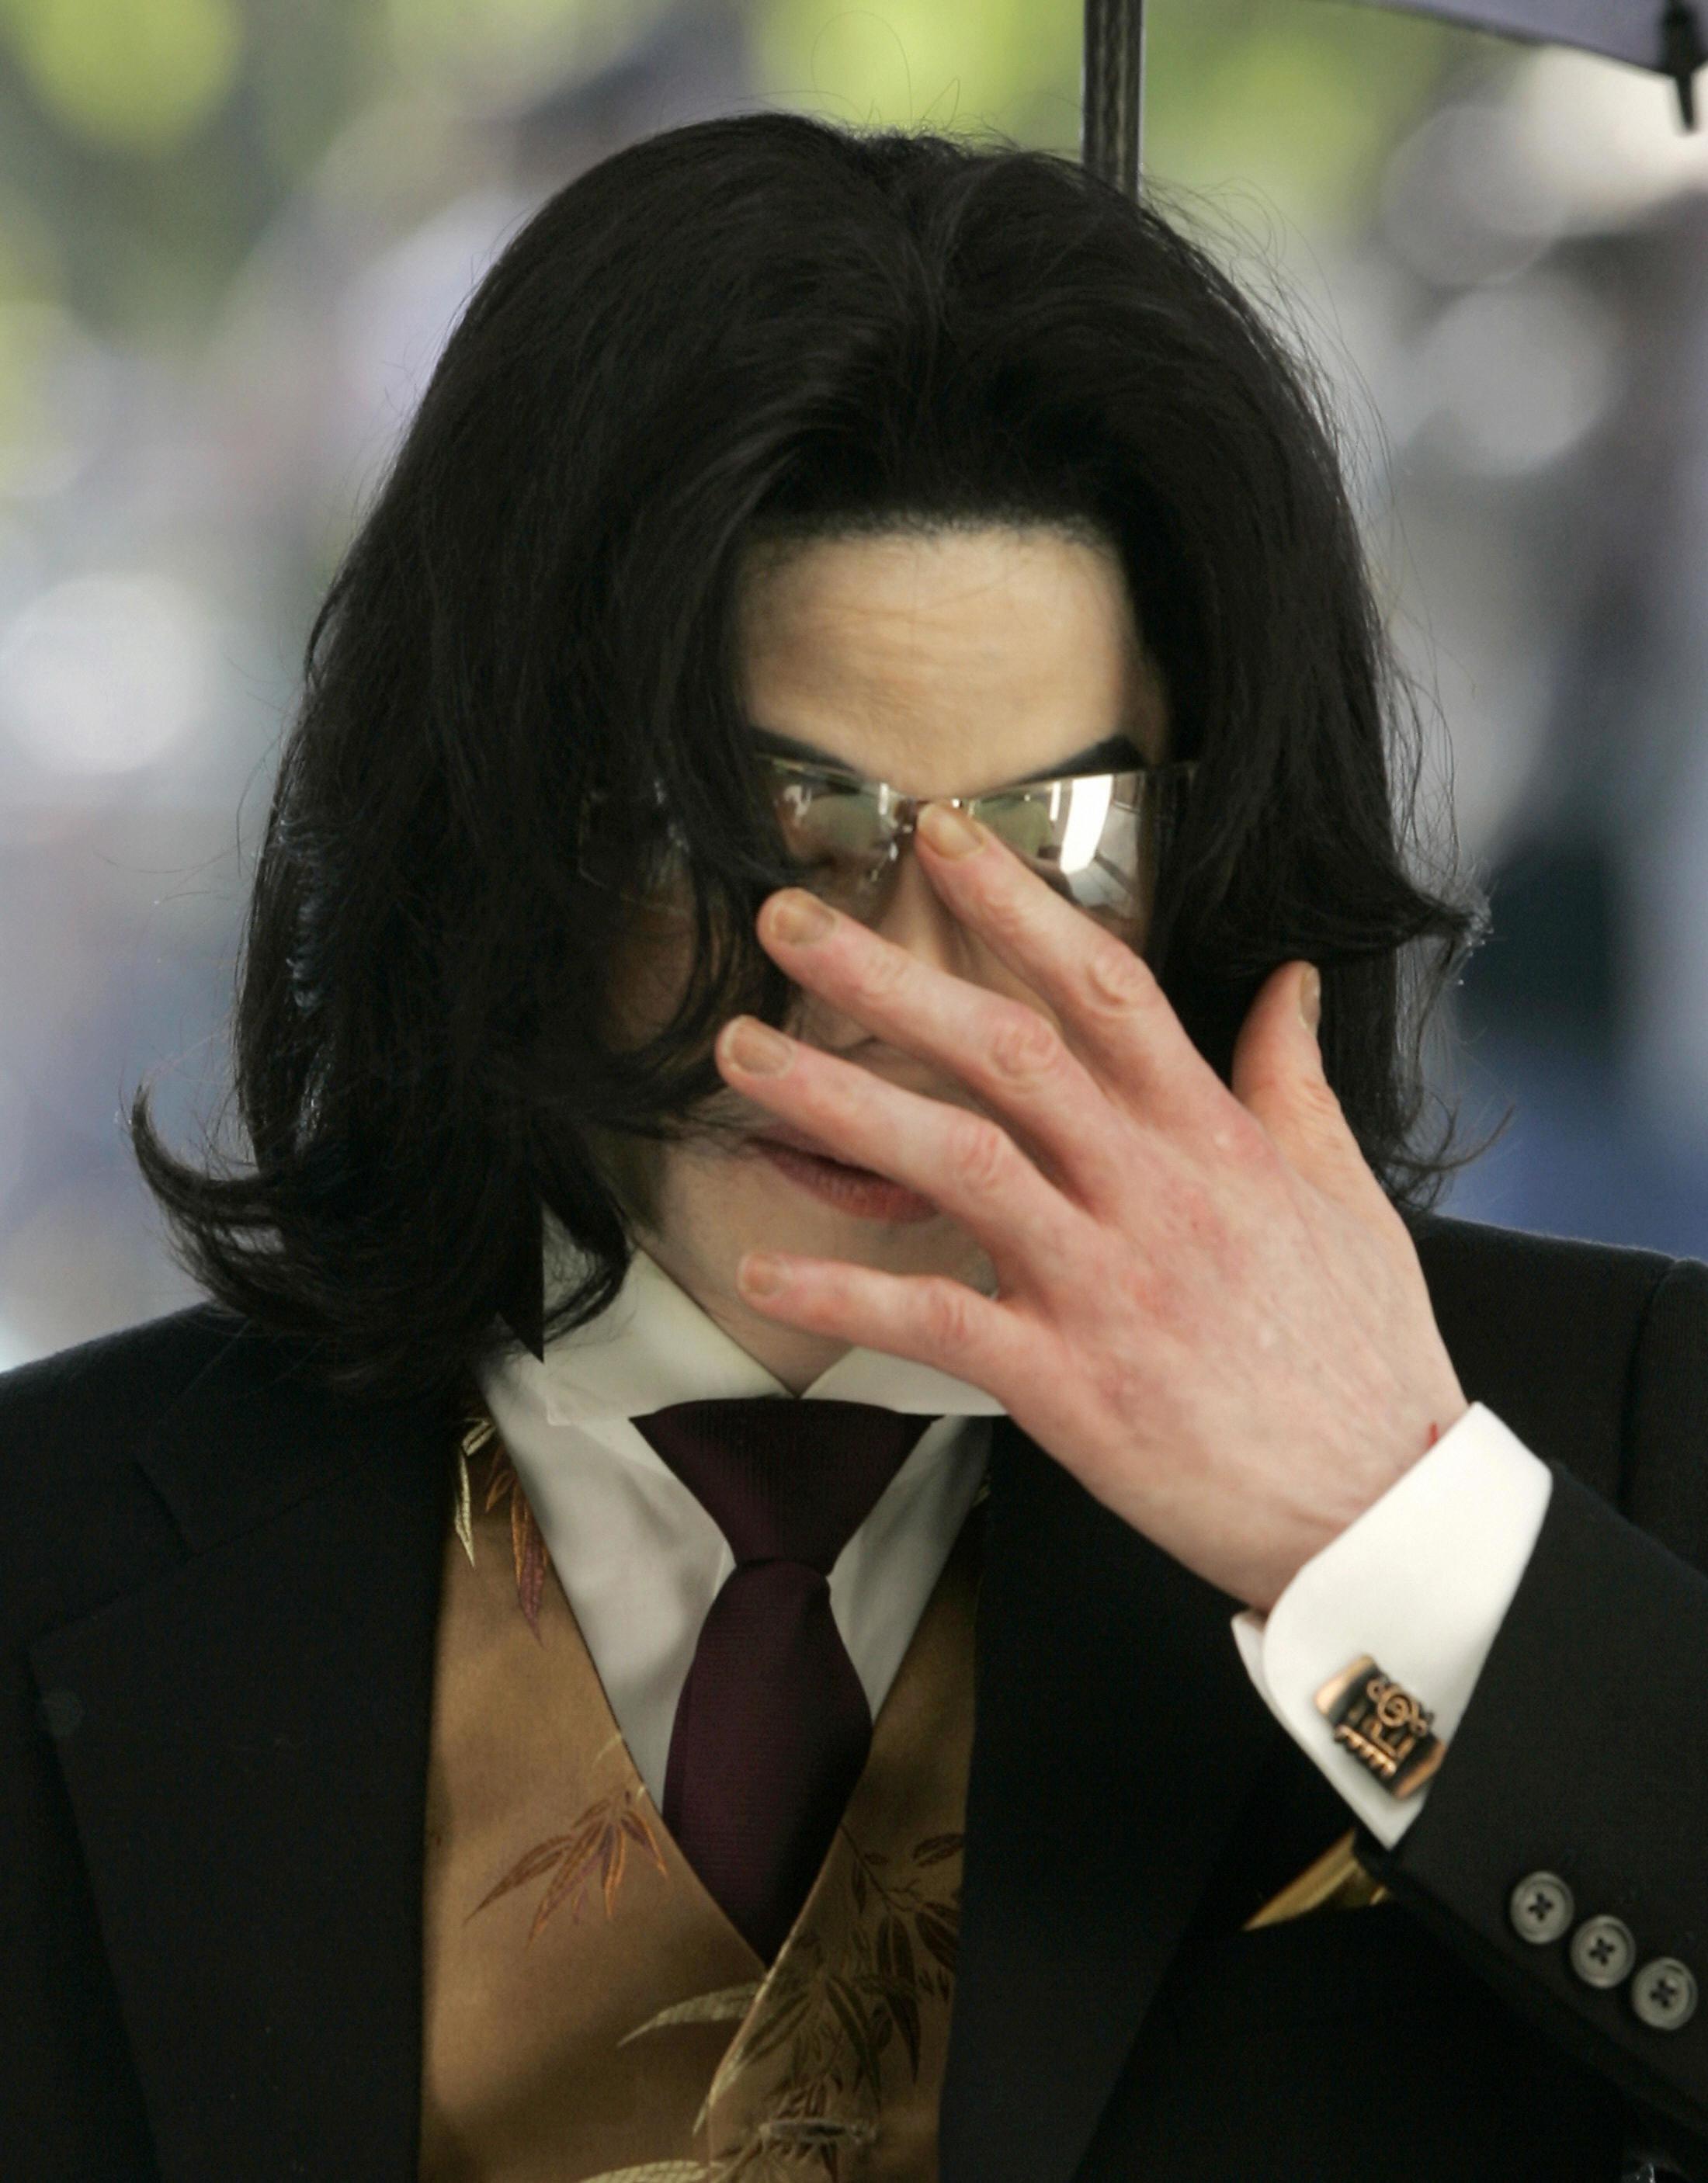 Το πρώτο τρέιλερ του ντοκιμαντέρ για τη σεξουαλική κακοποίηση παιδιών από τον Μάικλ